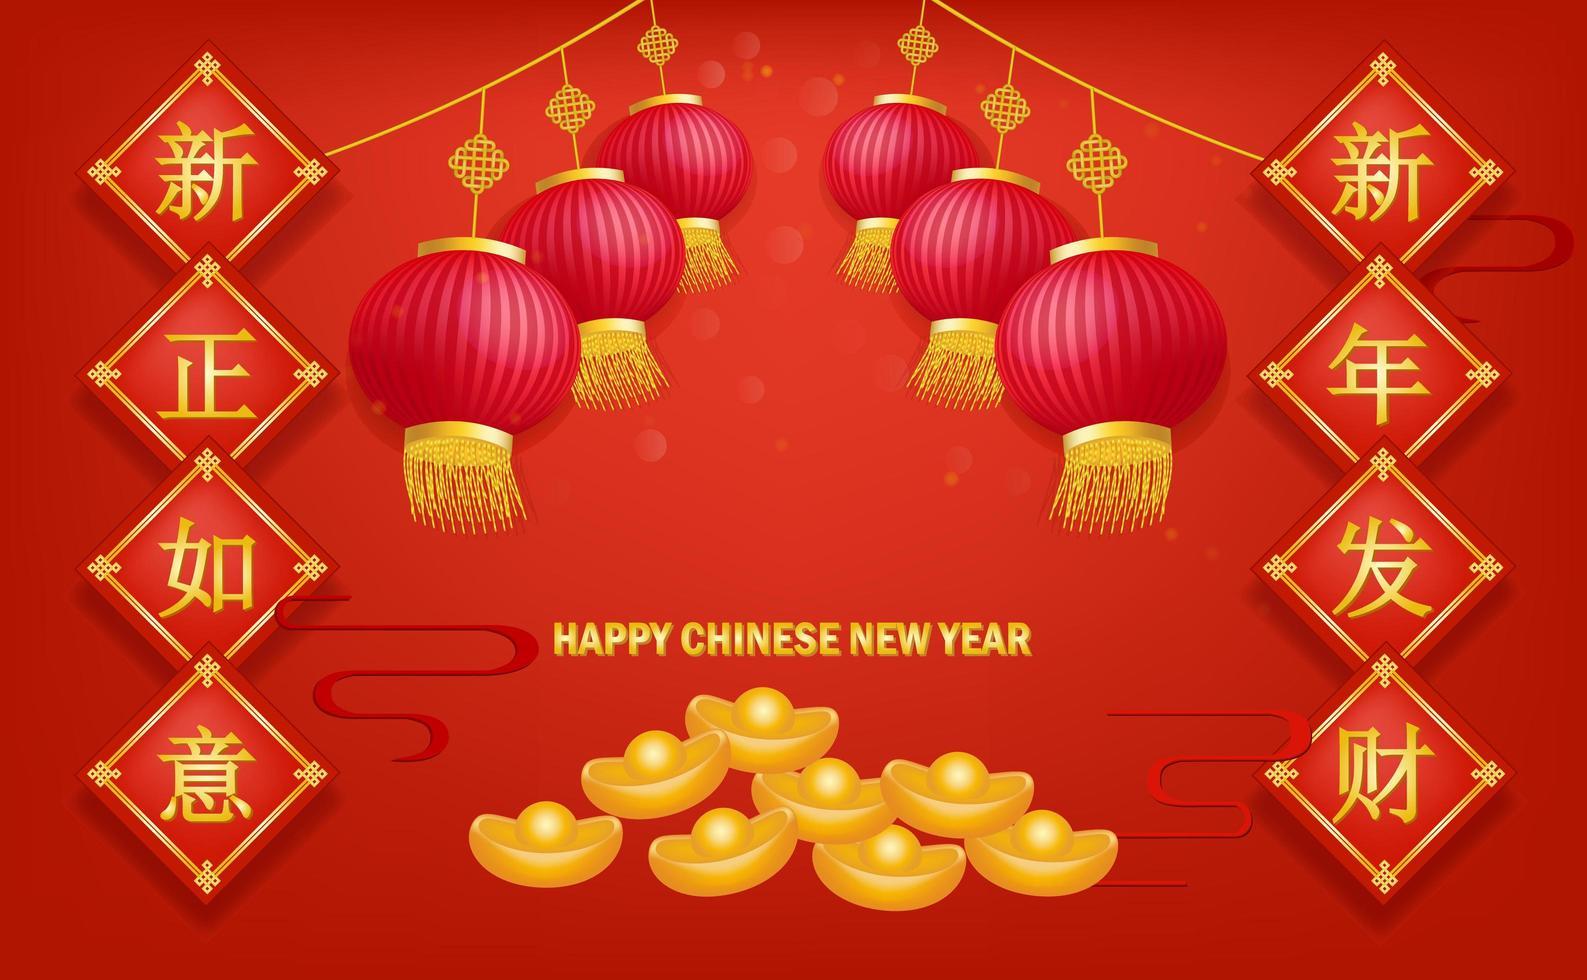 capodanno cinese con lanterne rosse e ornamenti vettore